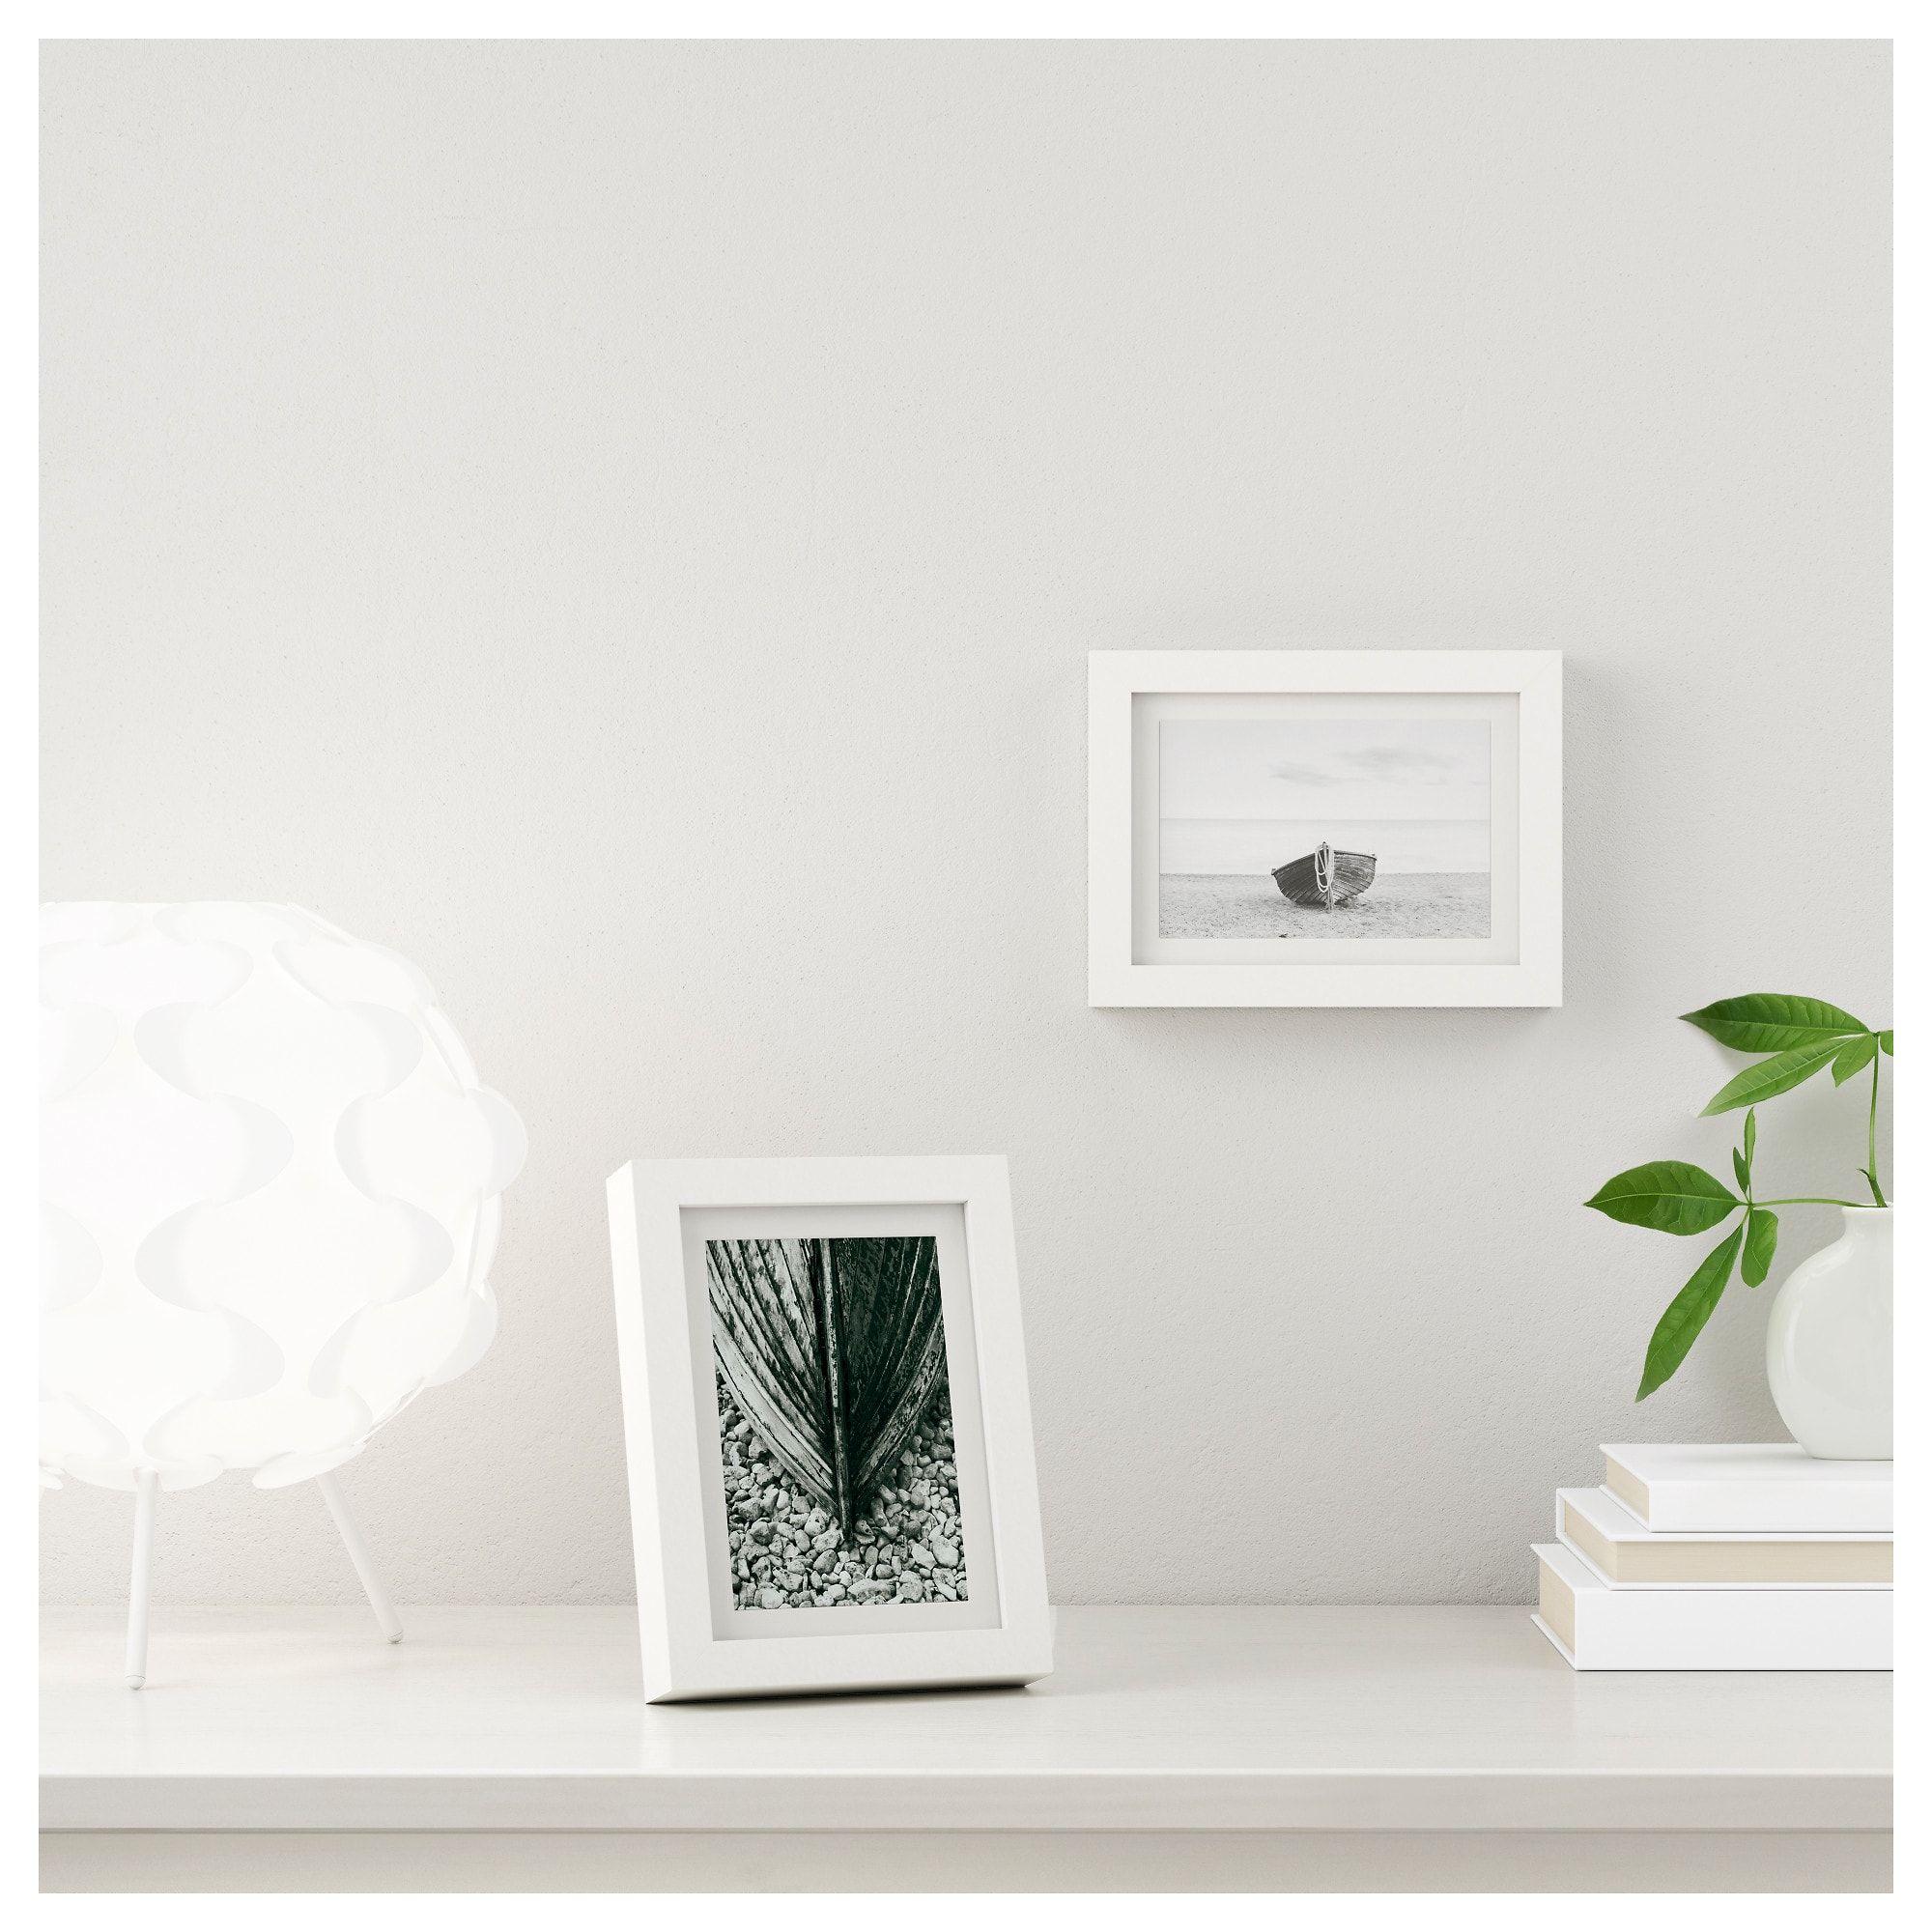 RIBBA Frame white 10x15 cm Rahmen, Ikea rahmen, Ikea